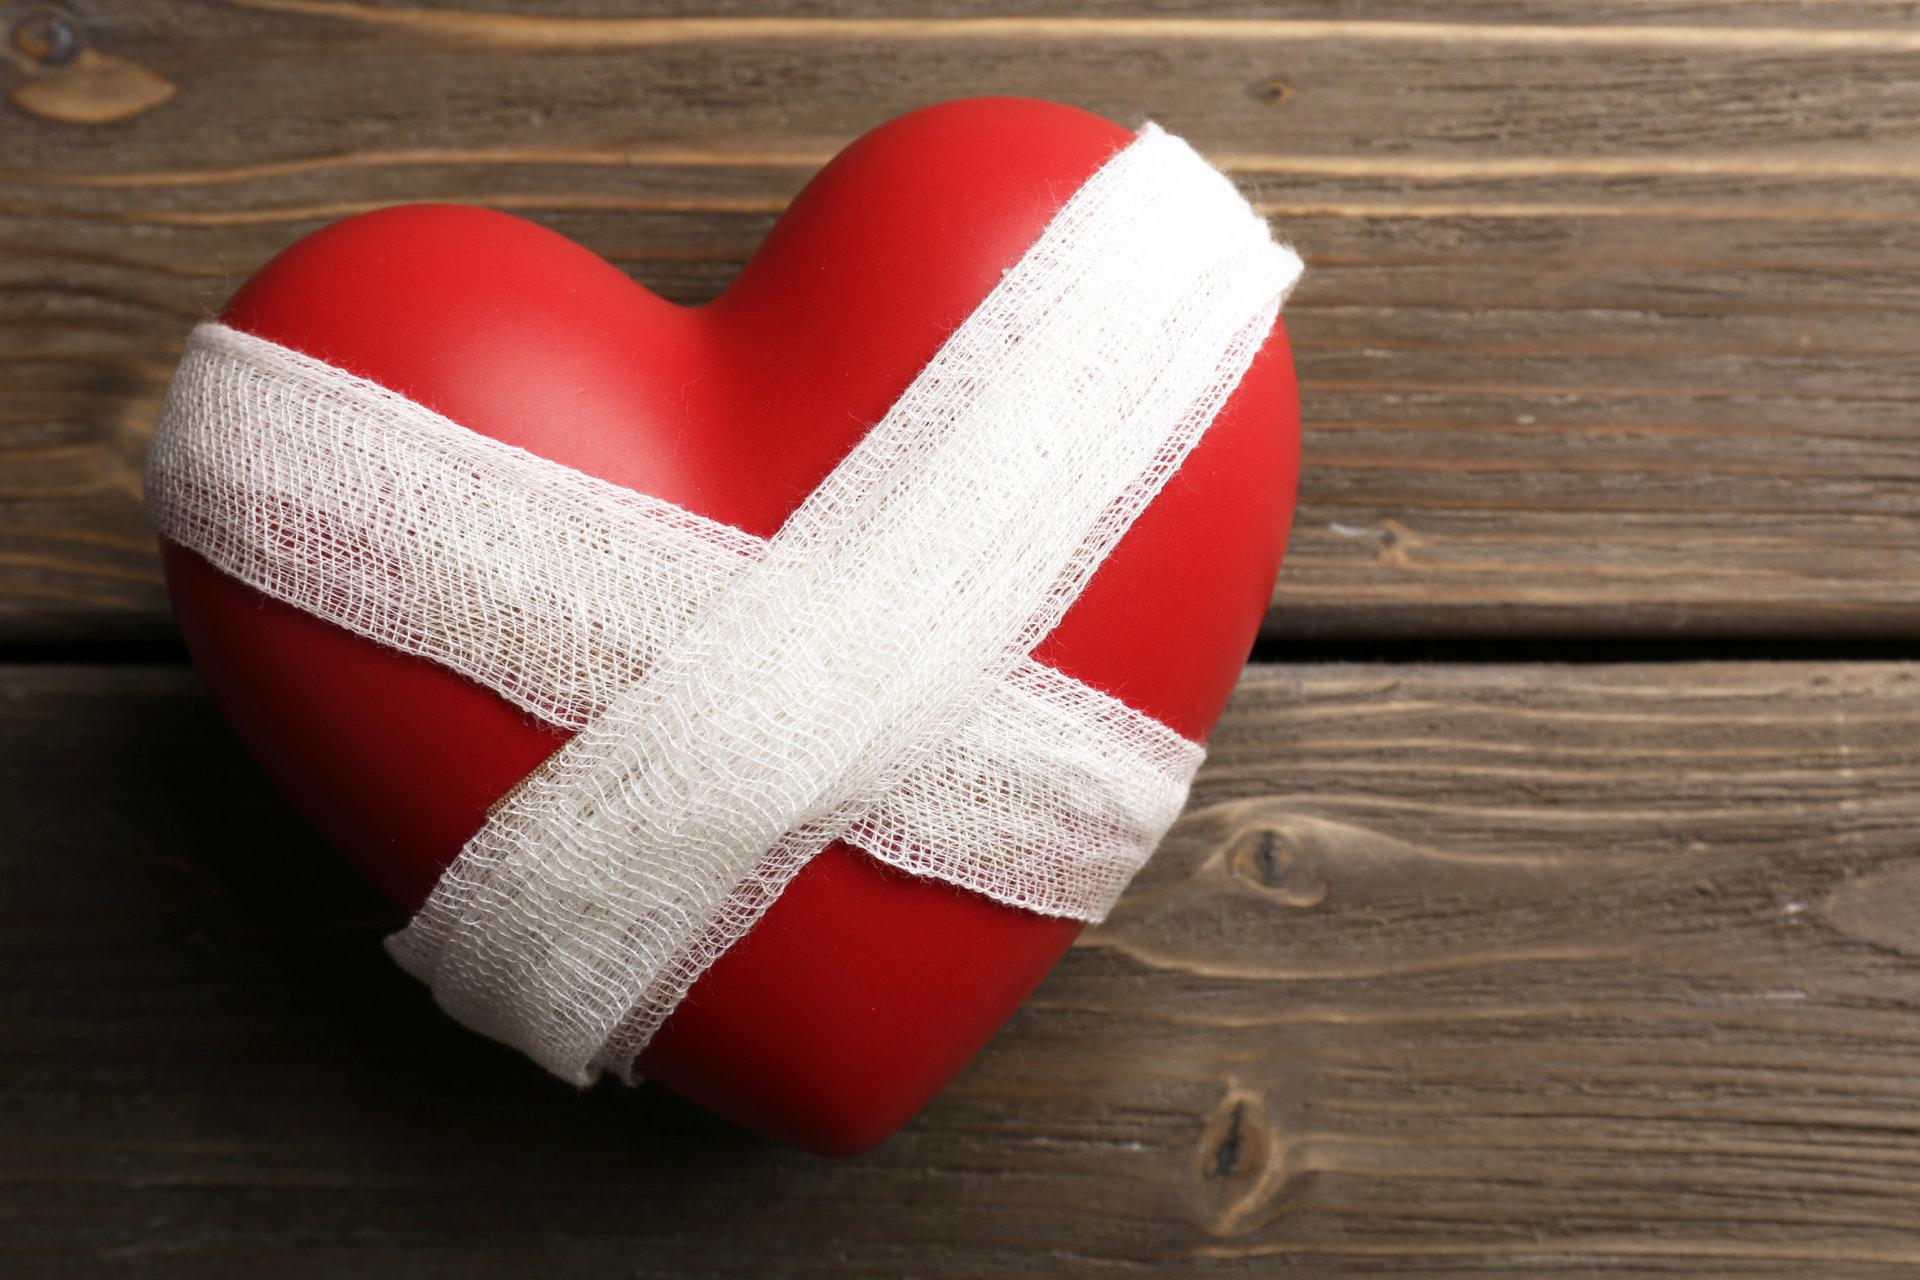 širdies sveikatos mėnesio patarimai ir faktai